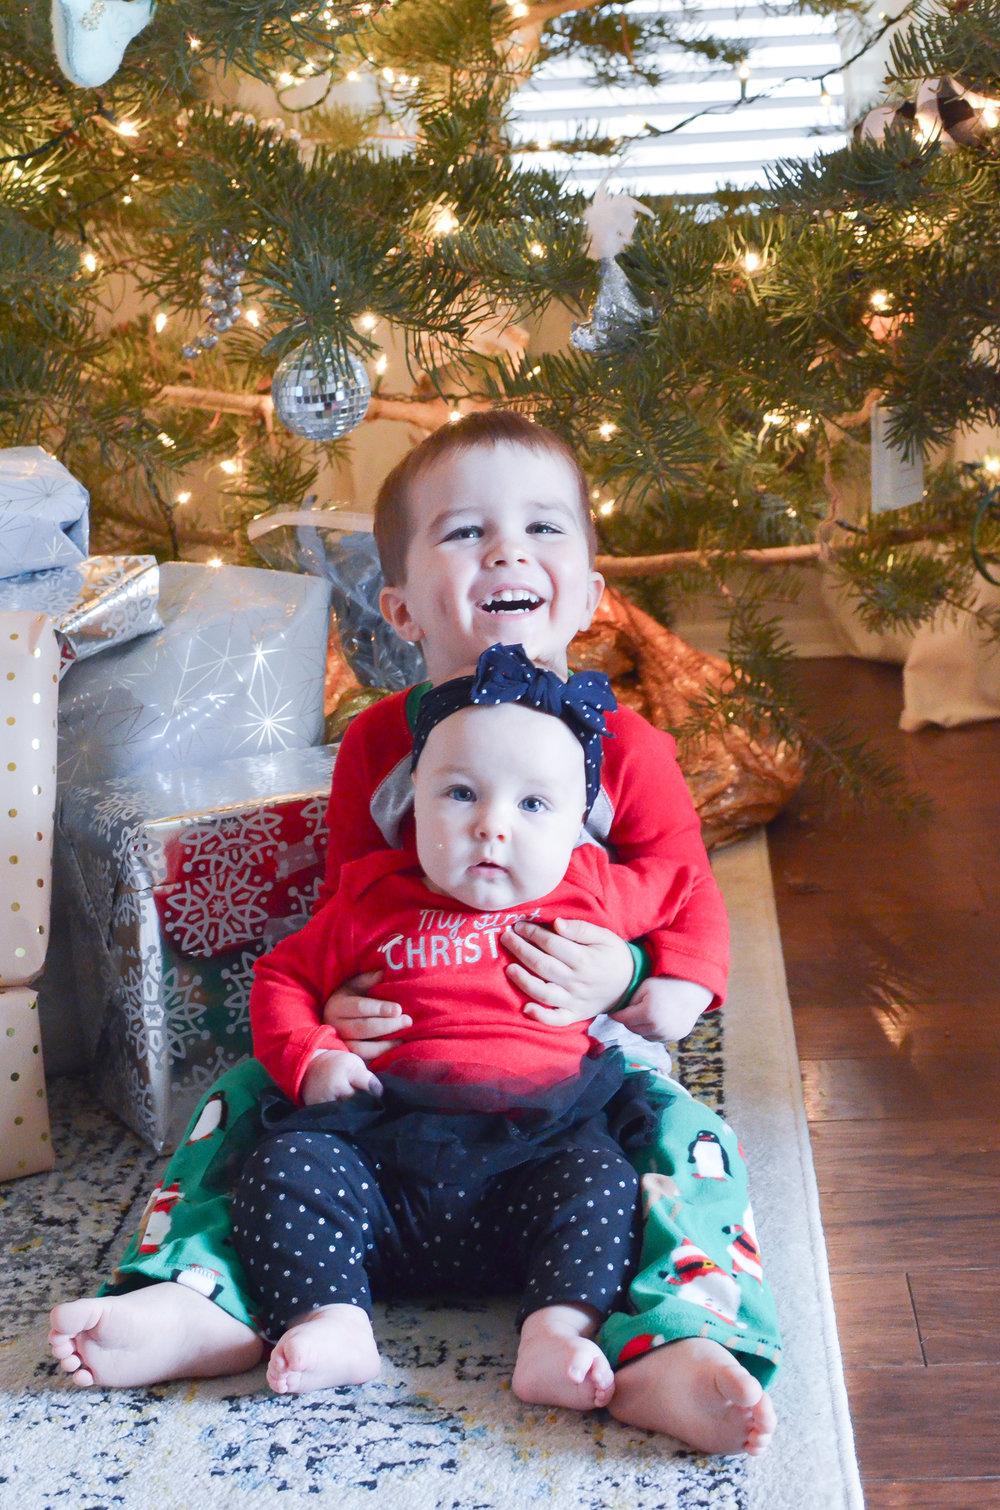 Christmas Tree | Christmas Decor | Decorating Christmas